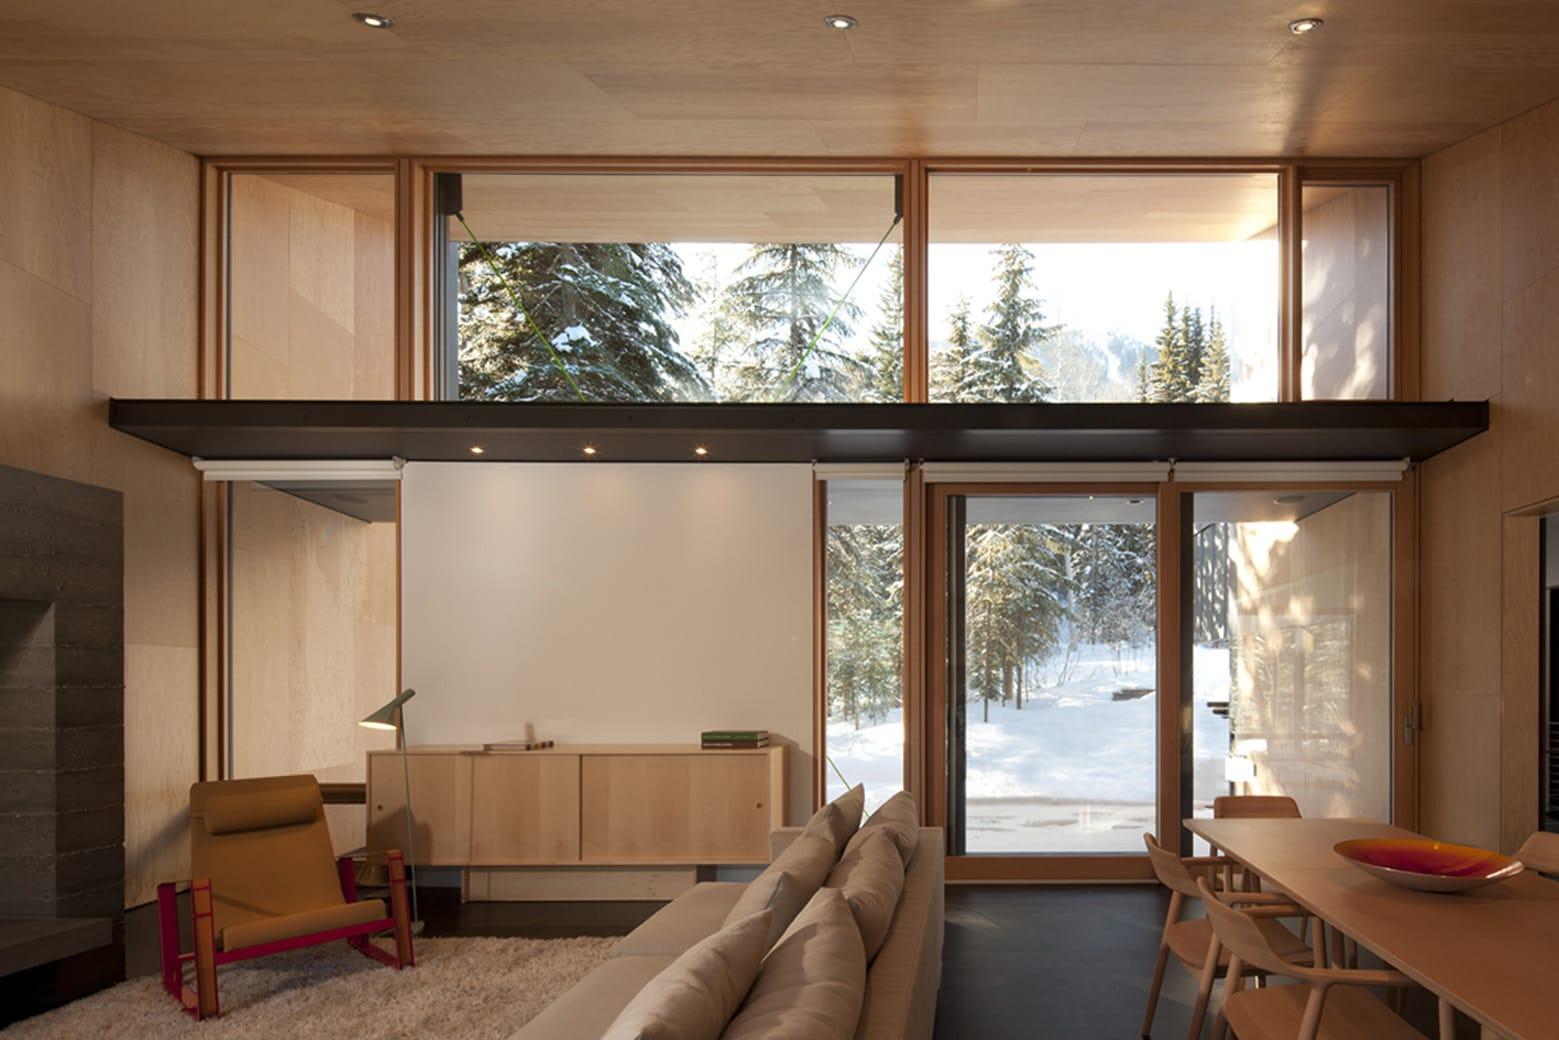 Dise o de casa dividida en dos partes planos e interiores for Disenos de interiores para apartamentos